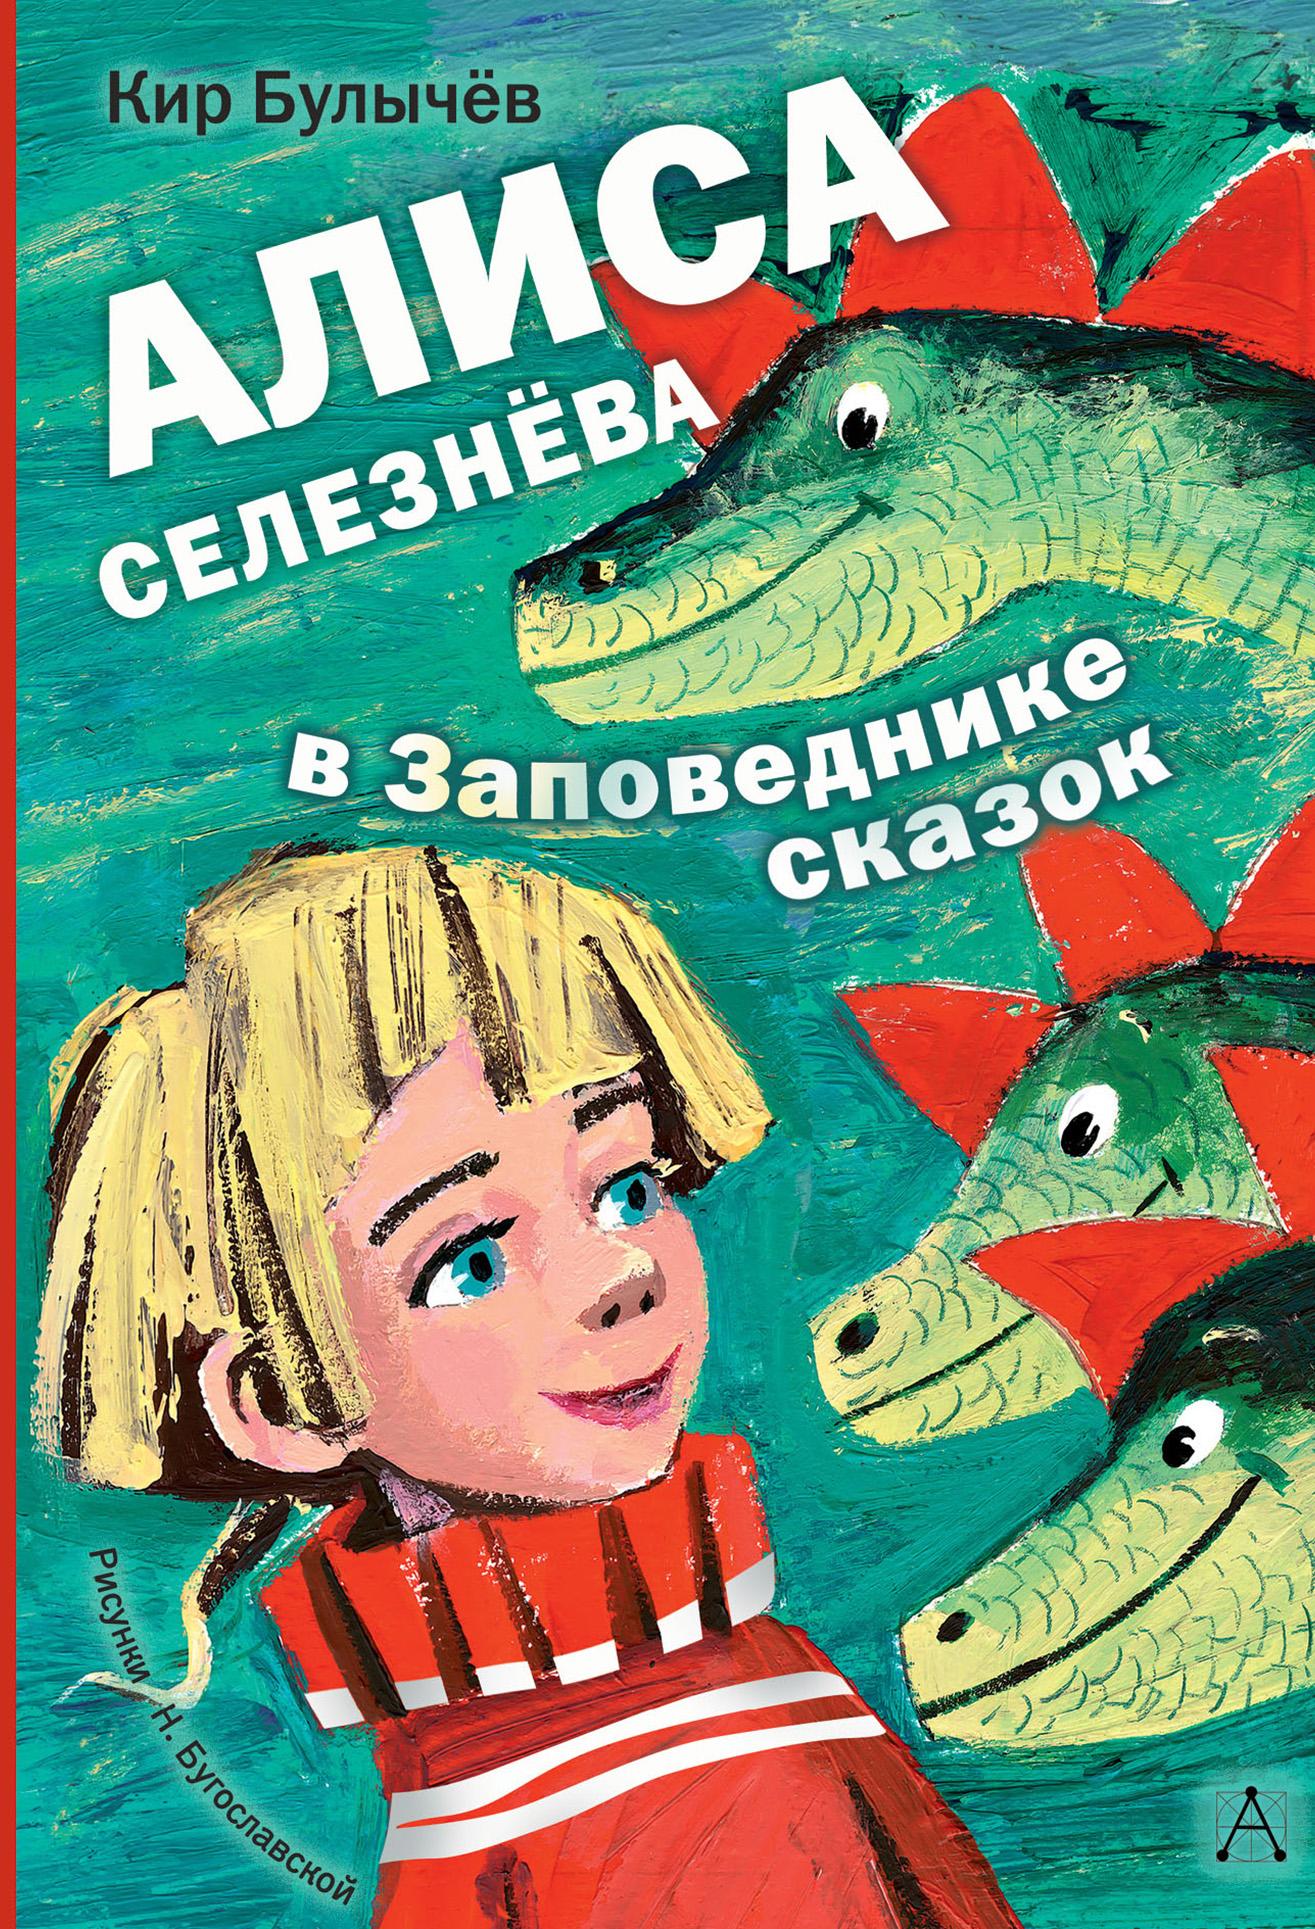 Кир Булычев - Алиса Селезнёва в заповеднике сказок